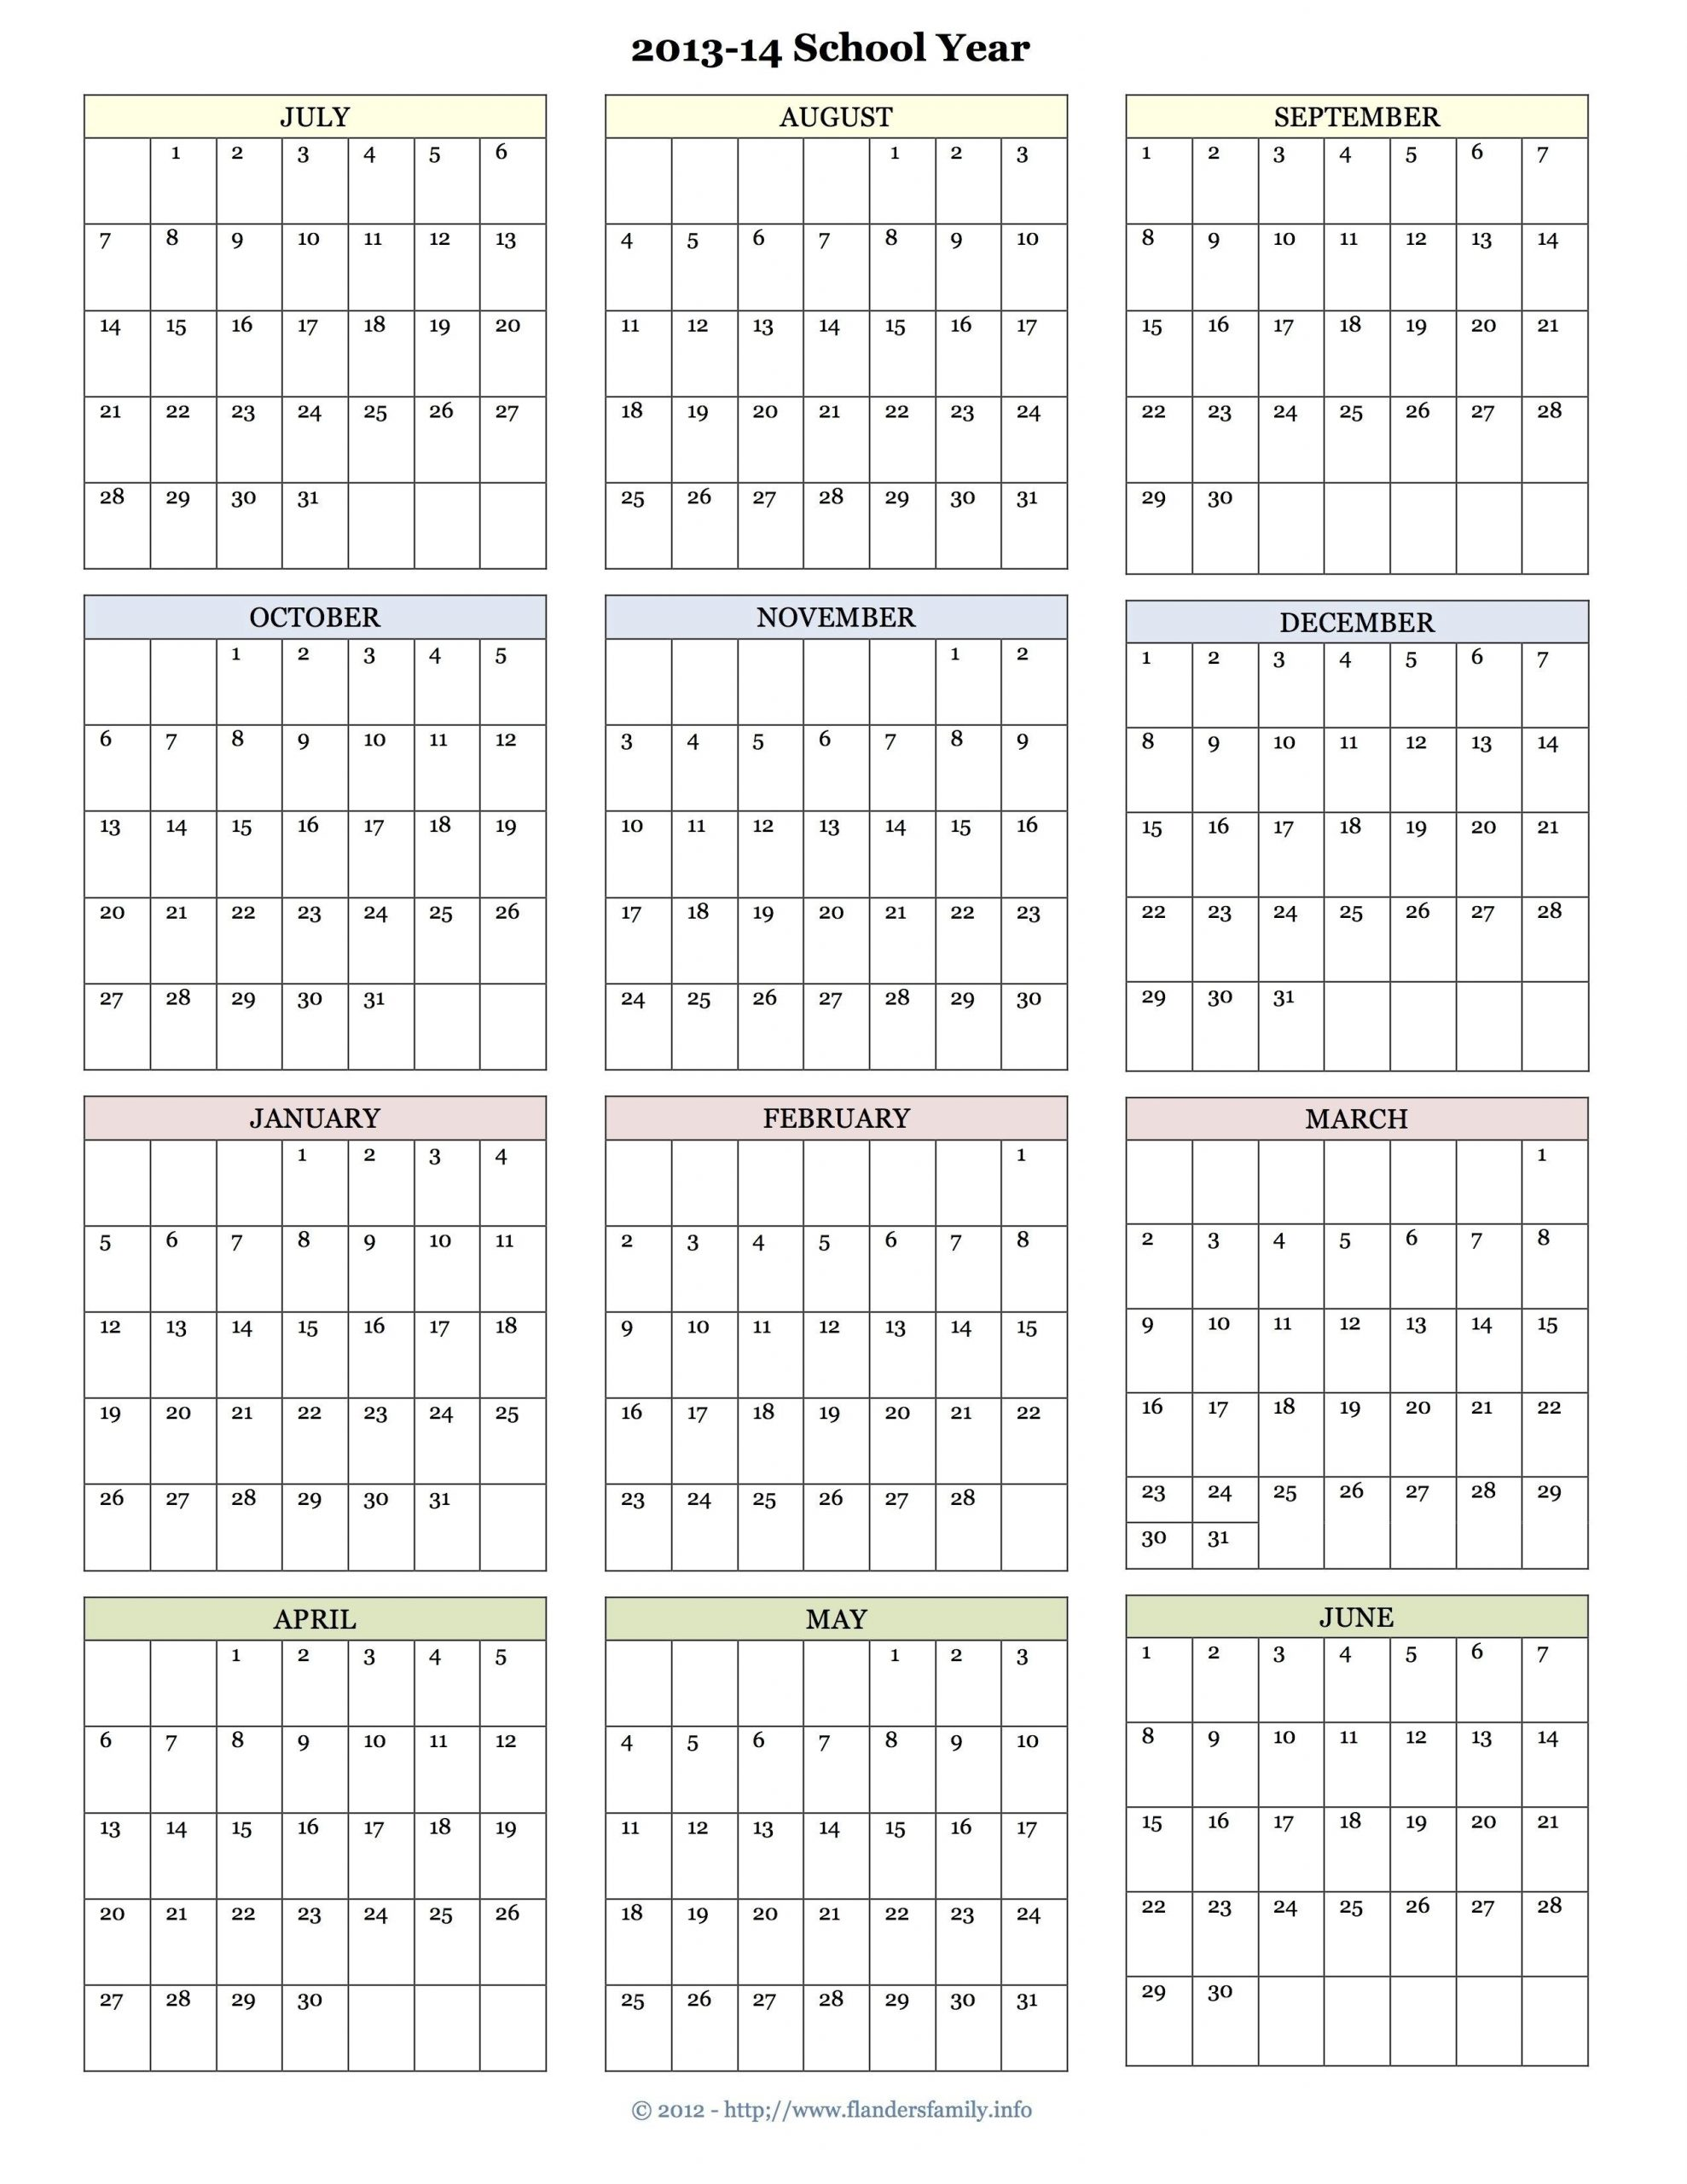 Depo Shot Calendar 2019 Depo Provera Injection Calendar 2018  Depo Provera Cpt 2021